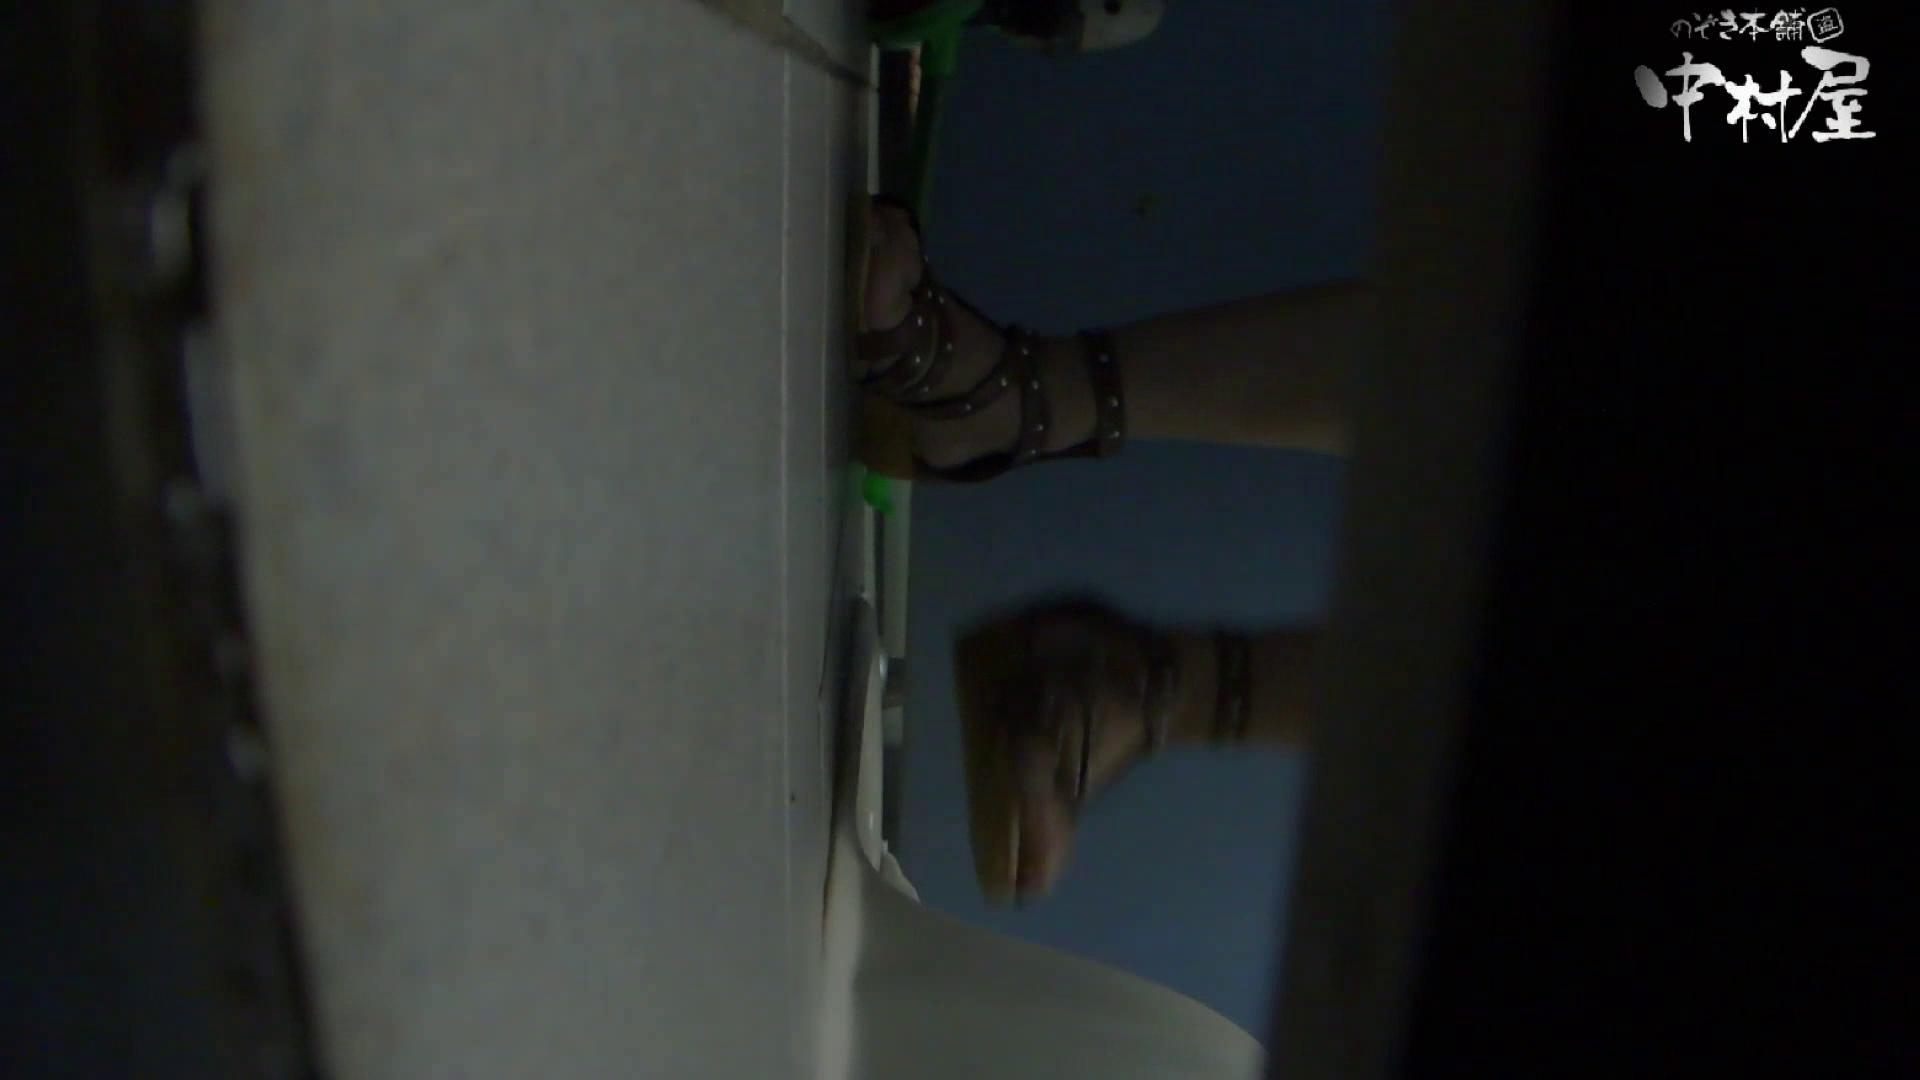 【美人が集まるファッションショッピングセンター洗面所盗SATU】ギャルのツルピカ潜入盗satu!Vol.09 高画質 盗撮AV動画キャプチャ 84画像 29